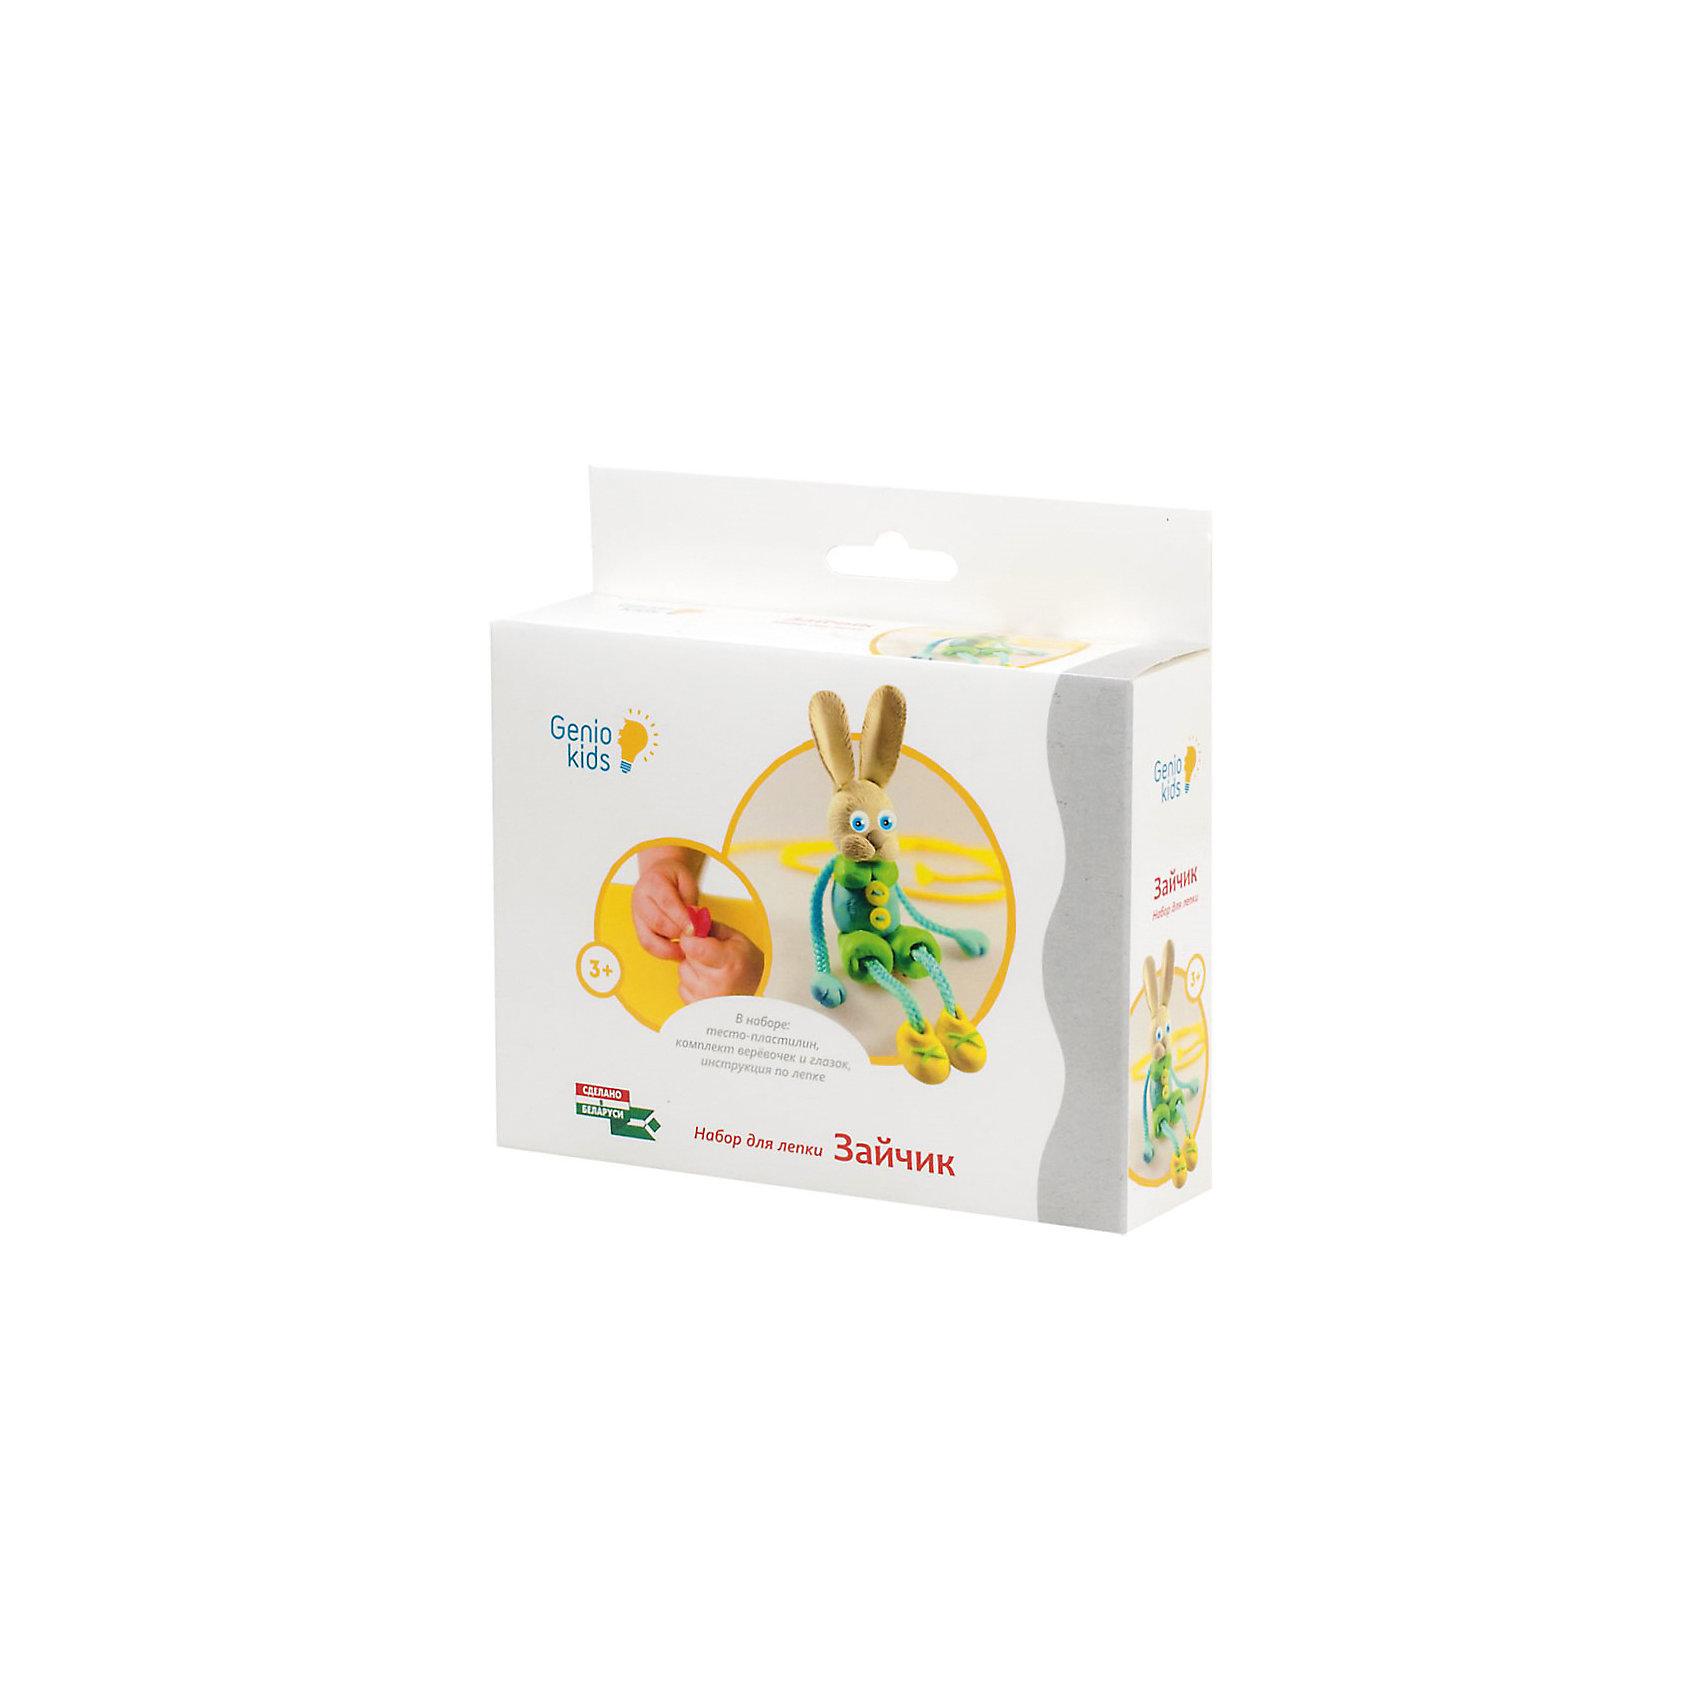 Набор для детского творчества ЗайчикЛепка<br>Характеристики товара:<br><br>• упаковка: коробка<br>• комплектация: разноцветное тесто-пластилин, комплект шнурков для лап, инструкция по лепке<br>• материал: пшеничная мука<br>• цветов: 4<br>• вес одного пакета с пластилином: 20 г<br>• возраст: от трех лет<br>• развивающая<br>• страна бренда: Беларусь<br>• страна производства: Беларусь<br><br>Лепка из пластилина - отличный способ занять ребенка. Это не только занимательно, но и очень полезно! С помощью такого набора для творчества ребенок сможет научиться делать фигурку зайца с помощью инструкции, а дальше - делать более сложные предметы. Тесто-пластилин - это натуральный и безопасный маетриал из пшеничной муки. В комплекте - пластилин разхных расцветок и предметы для создания фигурки.<br>Такое занятие помогает детям развивать многие важные навыки и способности: они тренируют внимание, память, логику, мышление, мелкую моторику, а также усидчивость и аккуратность. Изделие производится из качественных сертифицированных материалов, безопасных даже для самых маленьких.<br><br>Набор для детского творчества Зайчик от бренда Genio Kids можно купить в нашем интернет-магазине.<br><br>Ширина мм: 145<br>Глубина мм: 140<br>Высота мм: 40<br>Вес г: 150<br>Возраст от месяцев: 36<br>Возраст до месяцев: 108<br>Пол: Унисекс<br>Возраст: Детский<br>SKU: 5018319